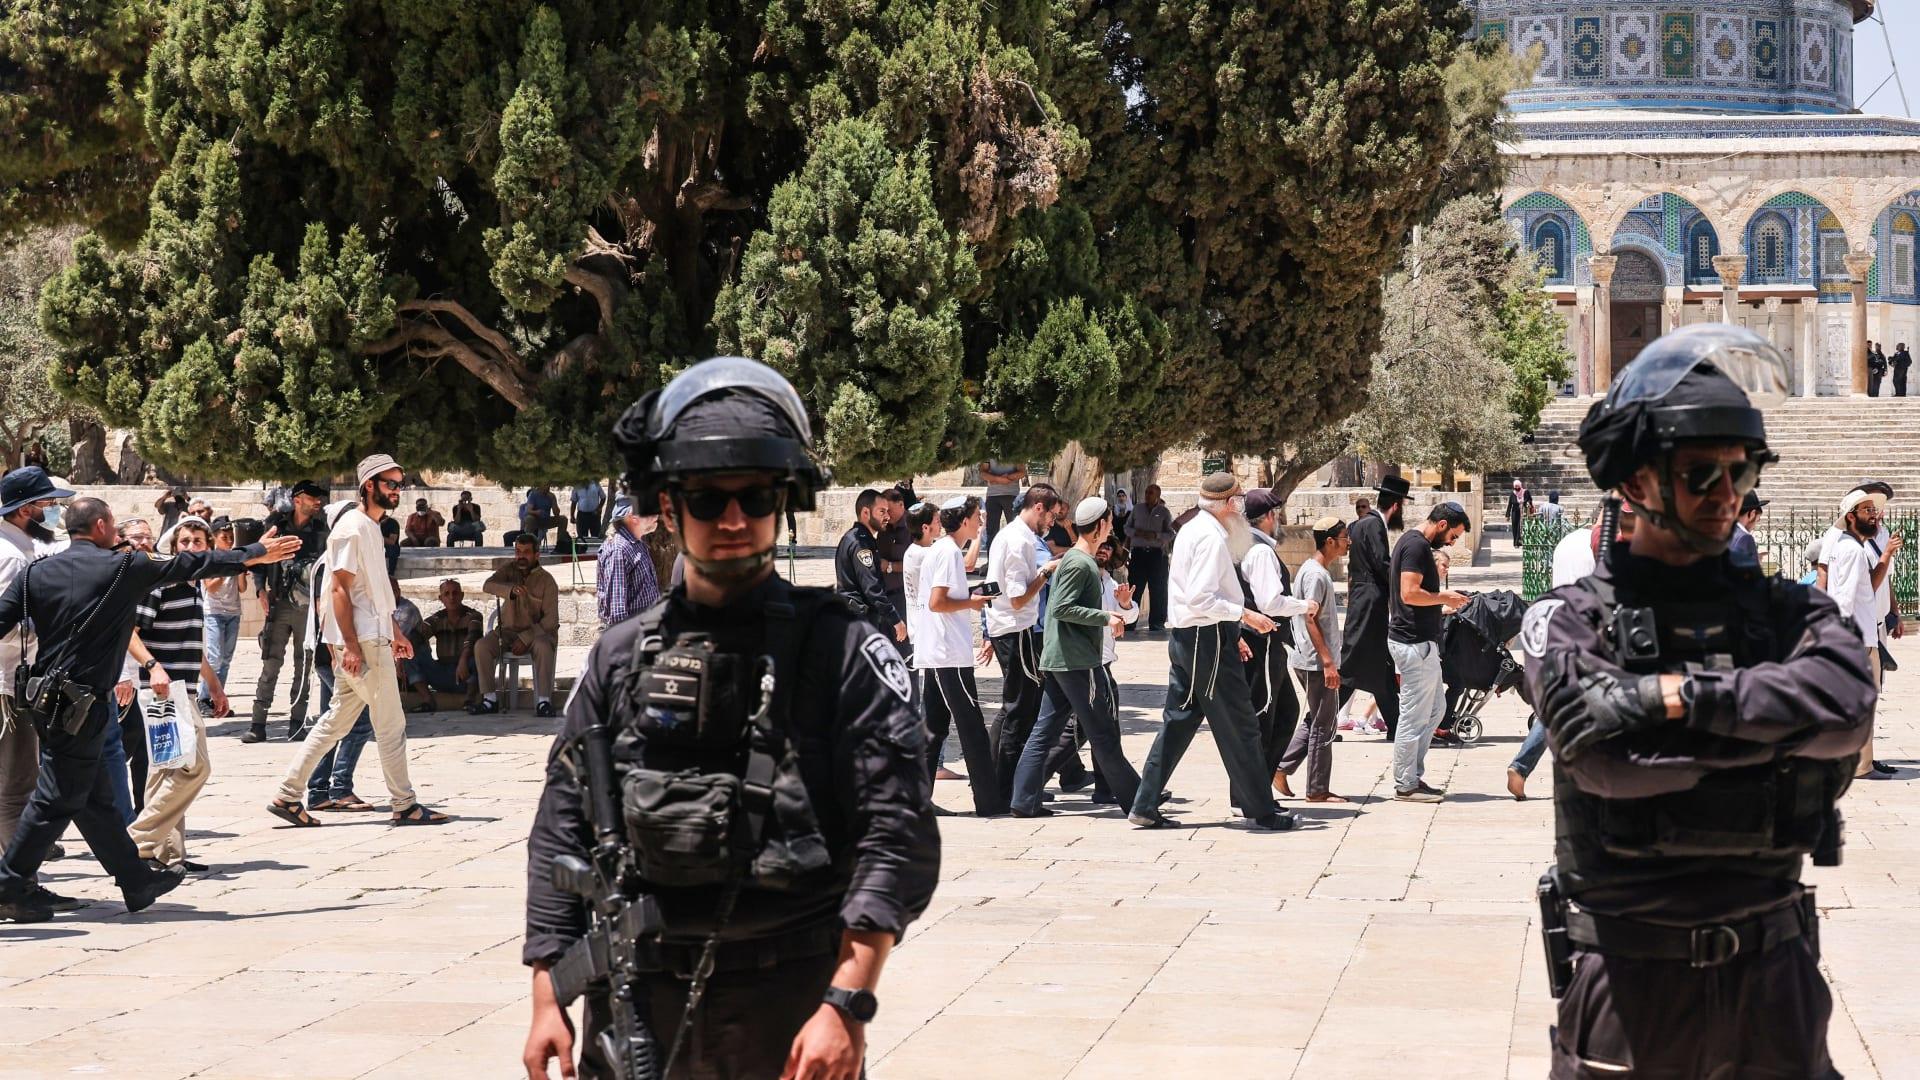 عناصر من قوات الأمن الإسرائيلية يقفون في حراسة، مع دخول مجموعة من اليهود الأرثوذكس إلى الحرم القدسي الأقصى في القدس، خلال صيام تيشا باف السنوي (التاسع من أغسطس/ آب)، إحياءً لذكرى تدمير المعابد اليهودية القديمة. قبل 2000 سنة